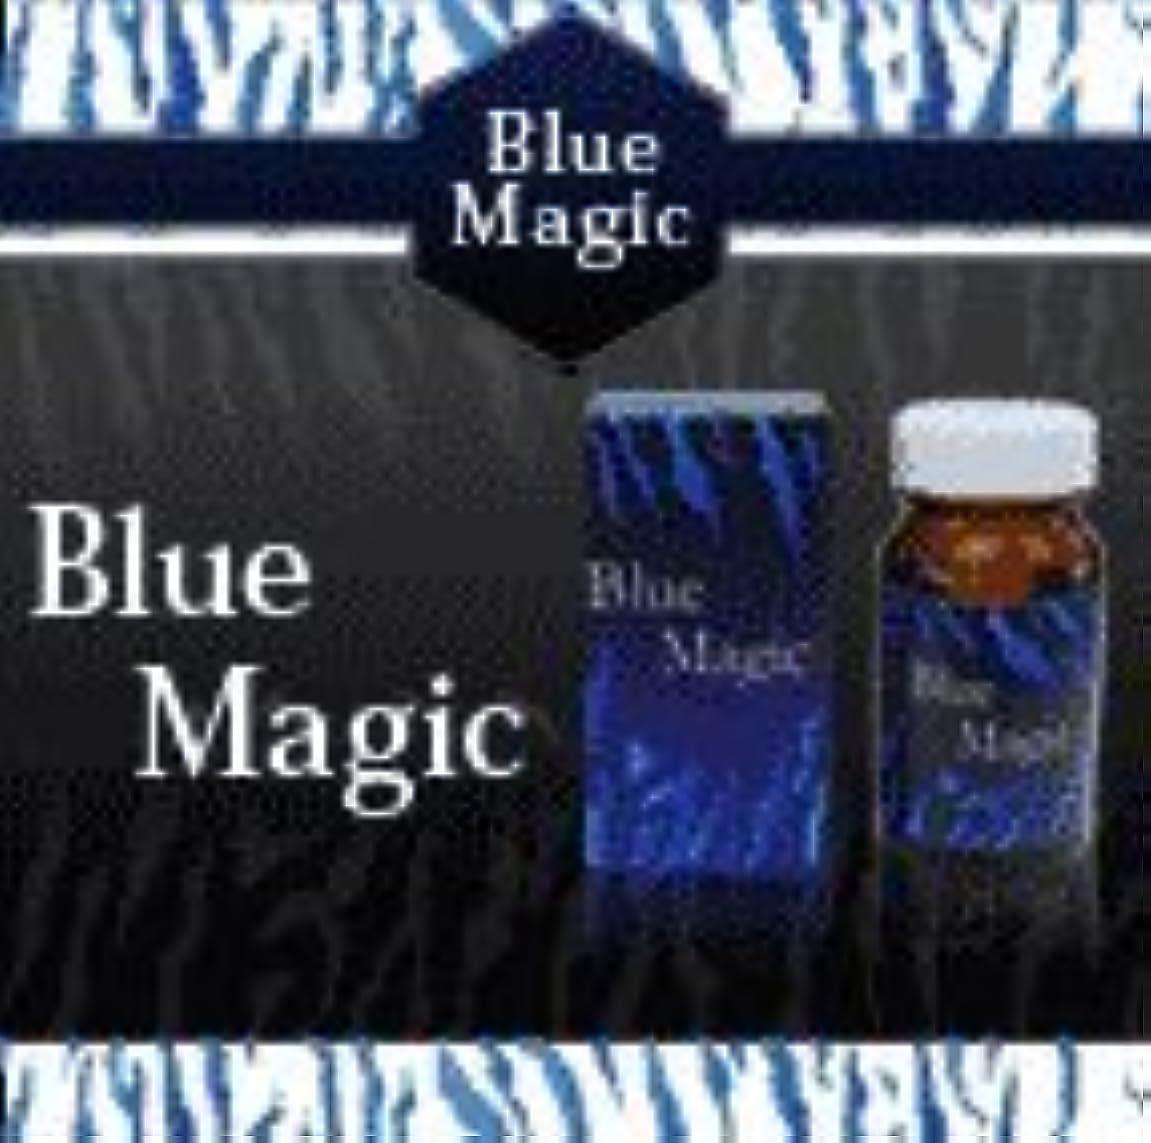 バルブ裁定規範「Blue Magic」ブルーマジック (ダイエットサプリメント) 5個セット